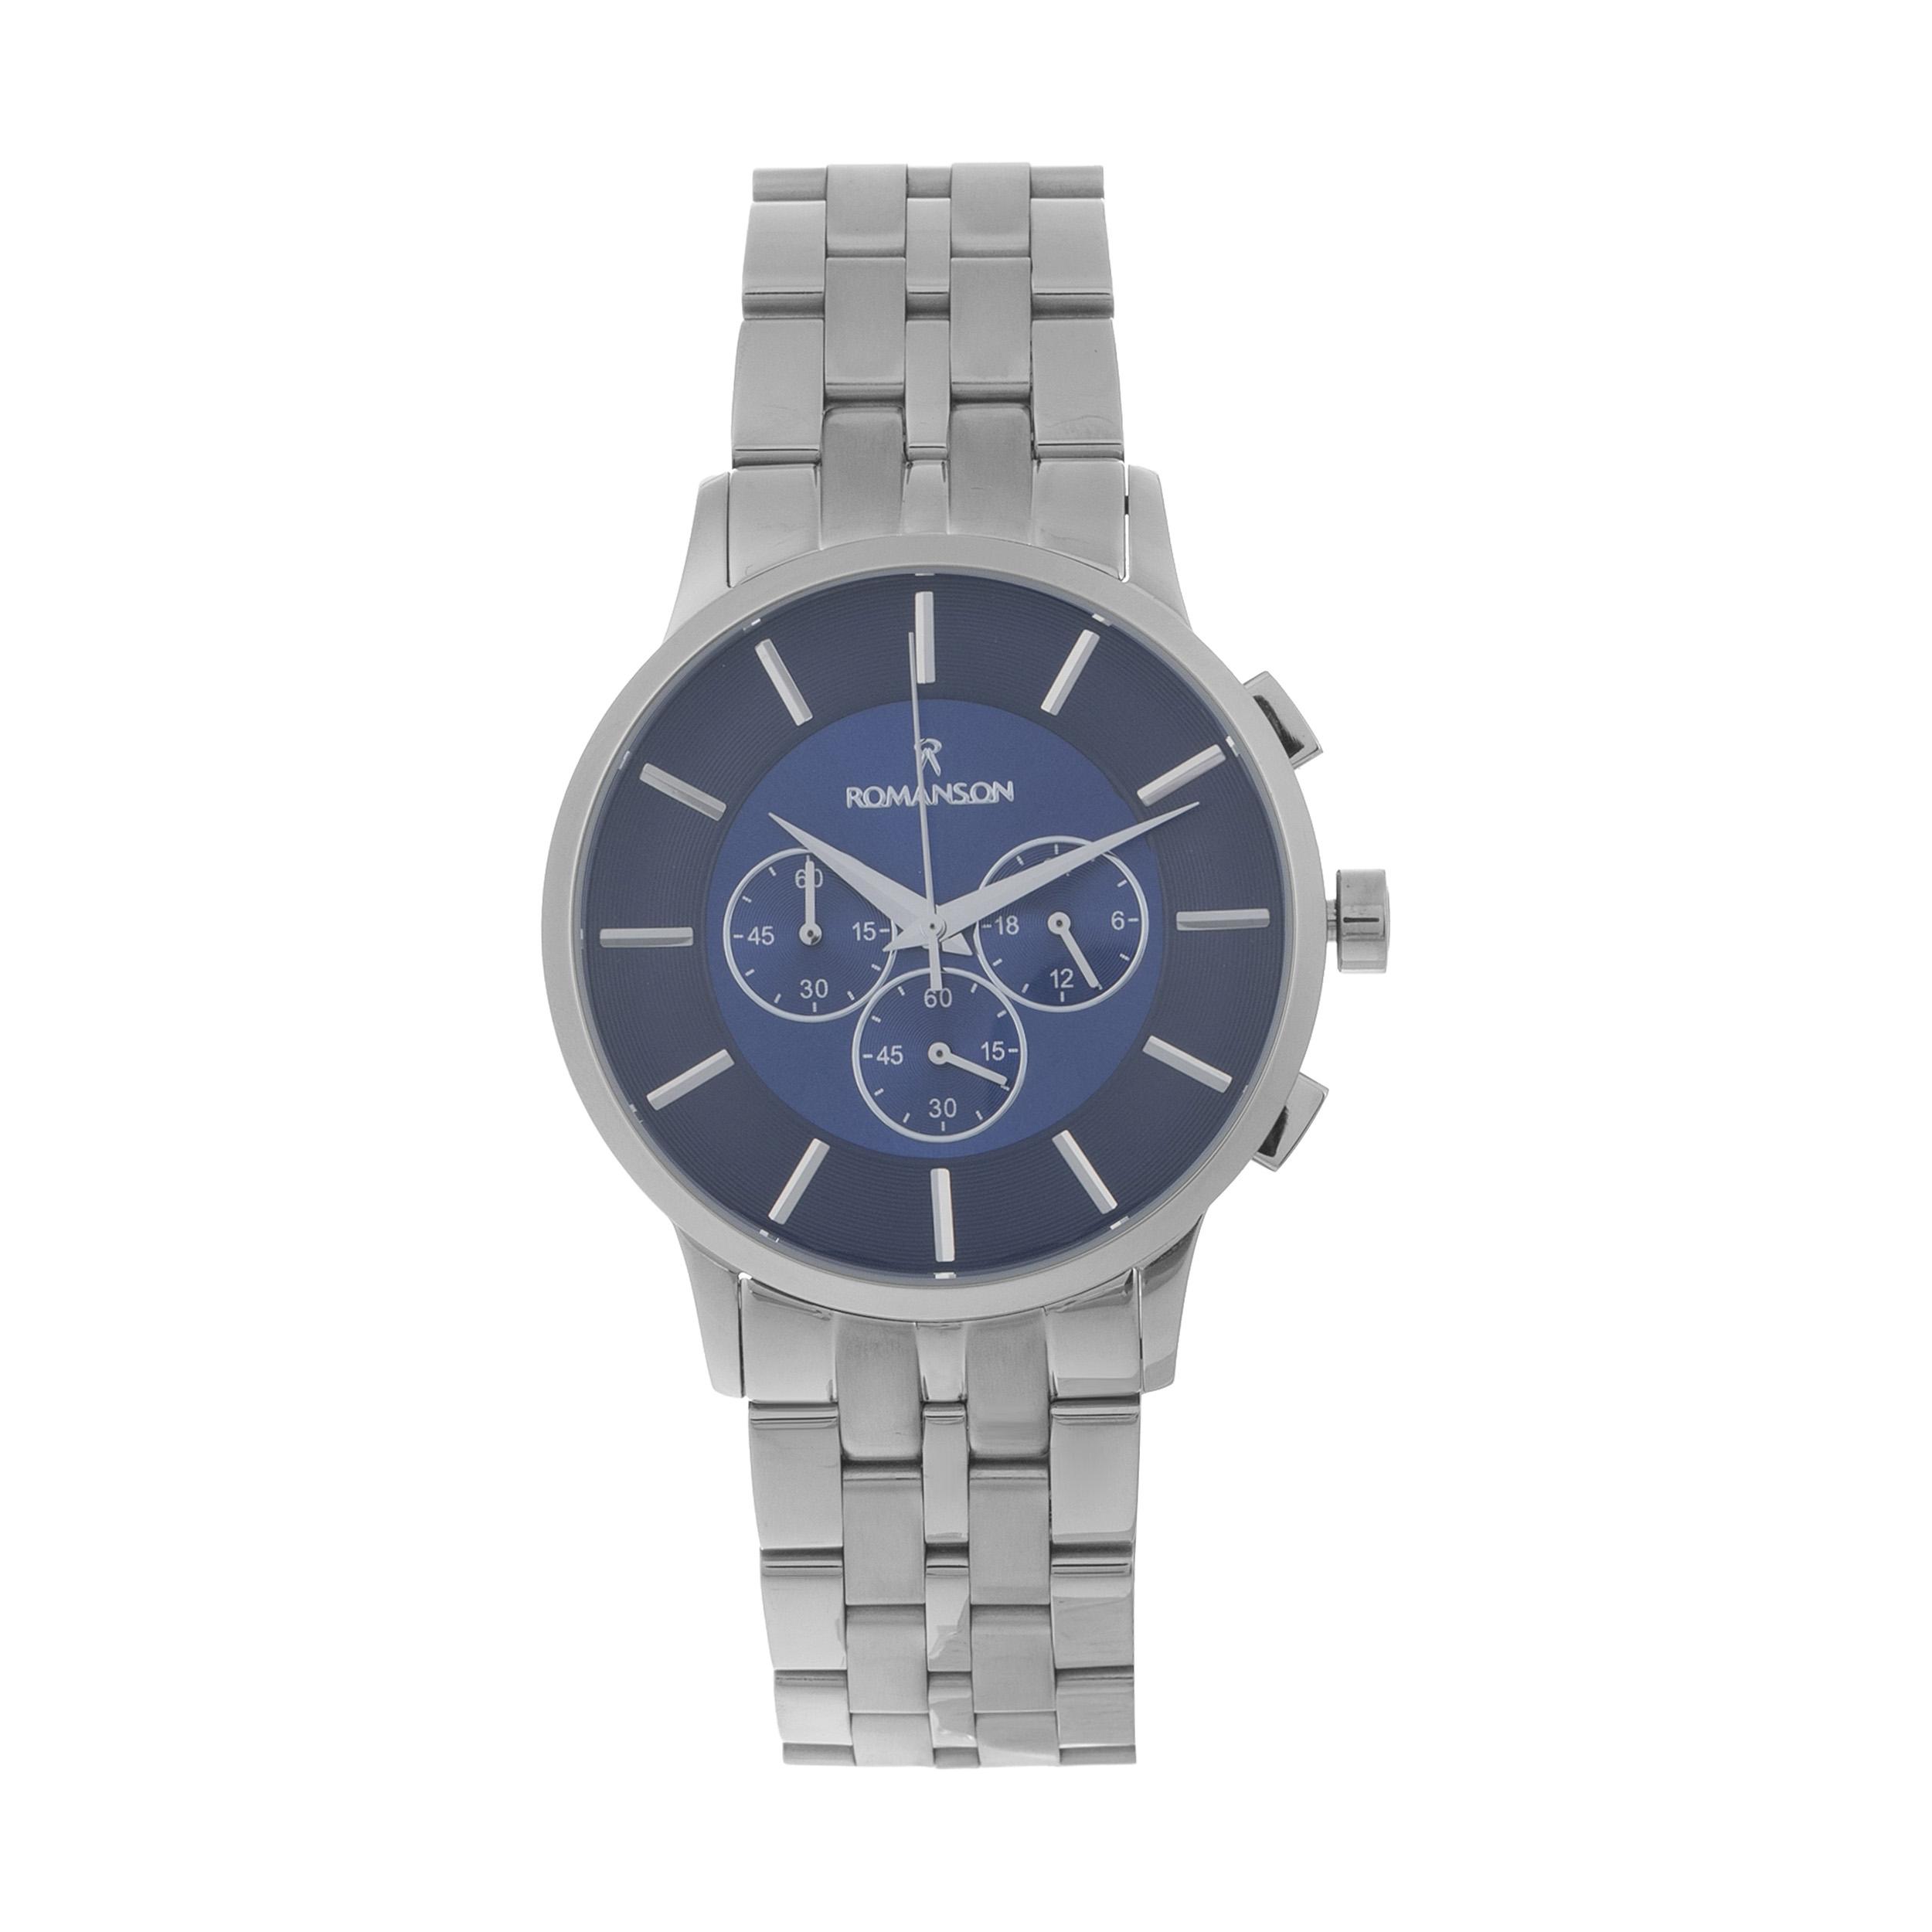 ساعت مچی عقربه ای مردانه مدل RM 1188 SG / NO-AB به همراه دستمال مخصوص نانو برند کلیر واچ 14